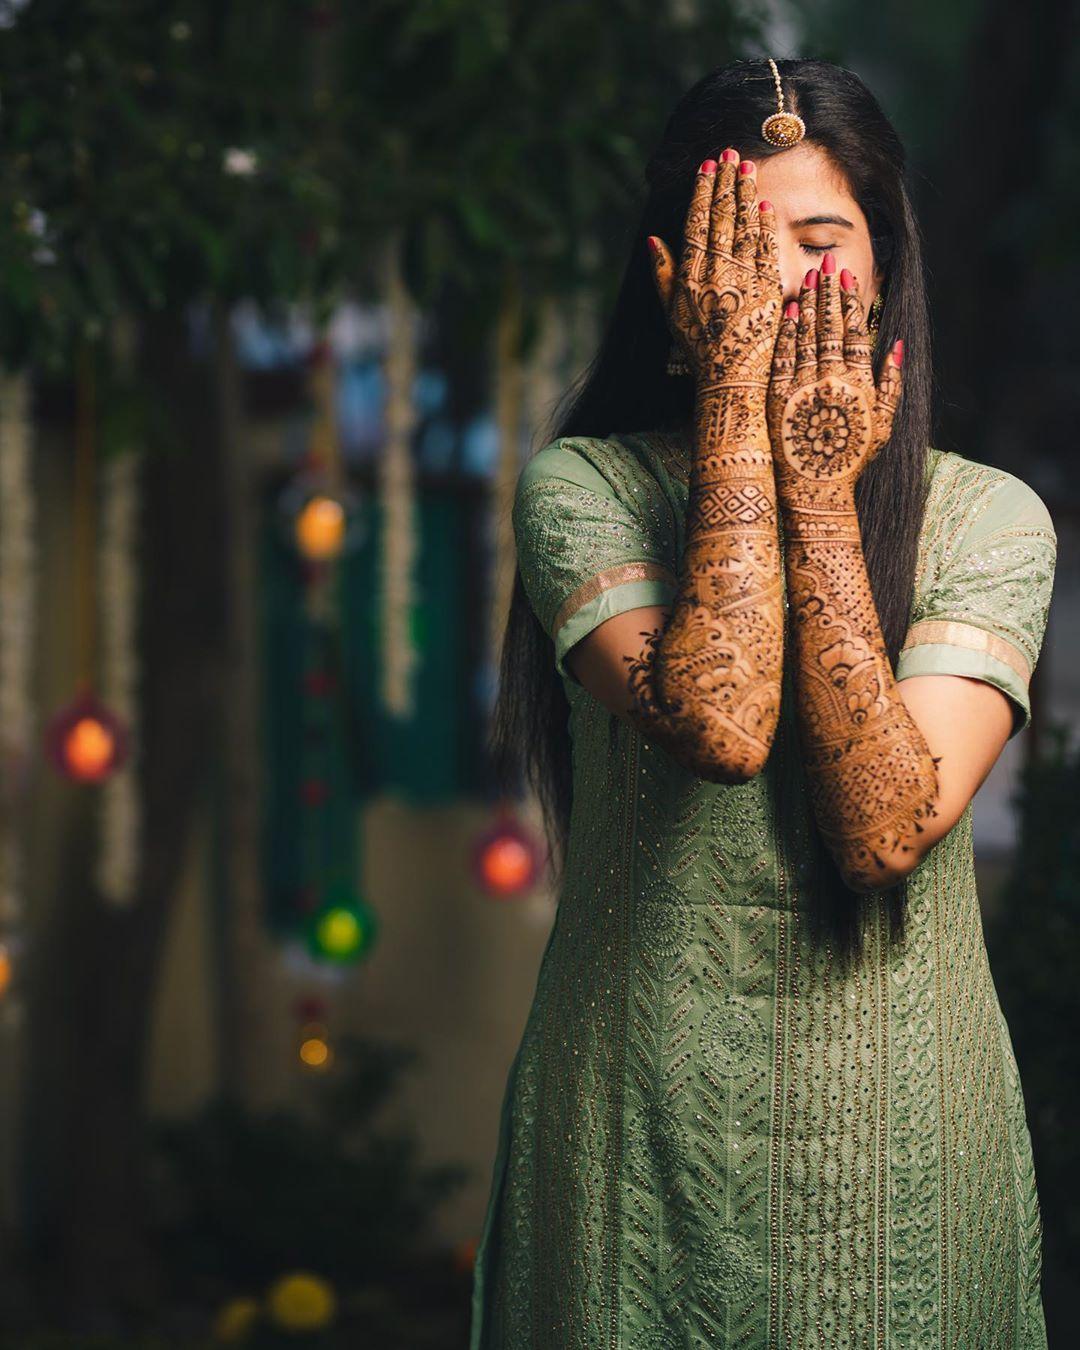 #mehendi #mehenditime #heena #bride #bridalmehendi #indianbride #threadsbyau #wedding #weddings #weddingz #indianweddings #loveforweddings #candid #candidphotography #candidphotographer #photo #photography #photographer #instabride #teamnikon #weddingphotography #weddingphotographer #instawedding #nikon #indian_wedding_inspiration #bridebook #weddedwonderland #bridesofindia #instaphotographers #instamoments